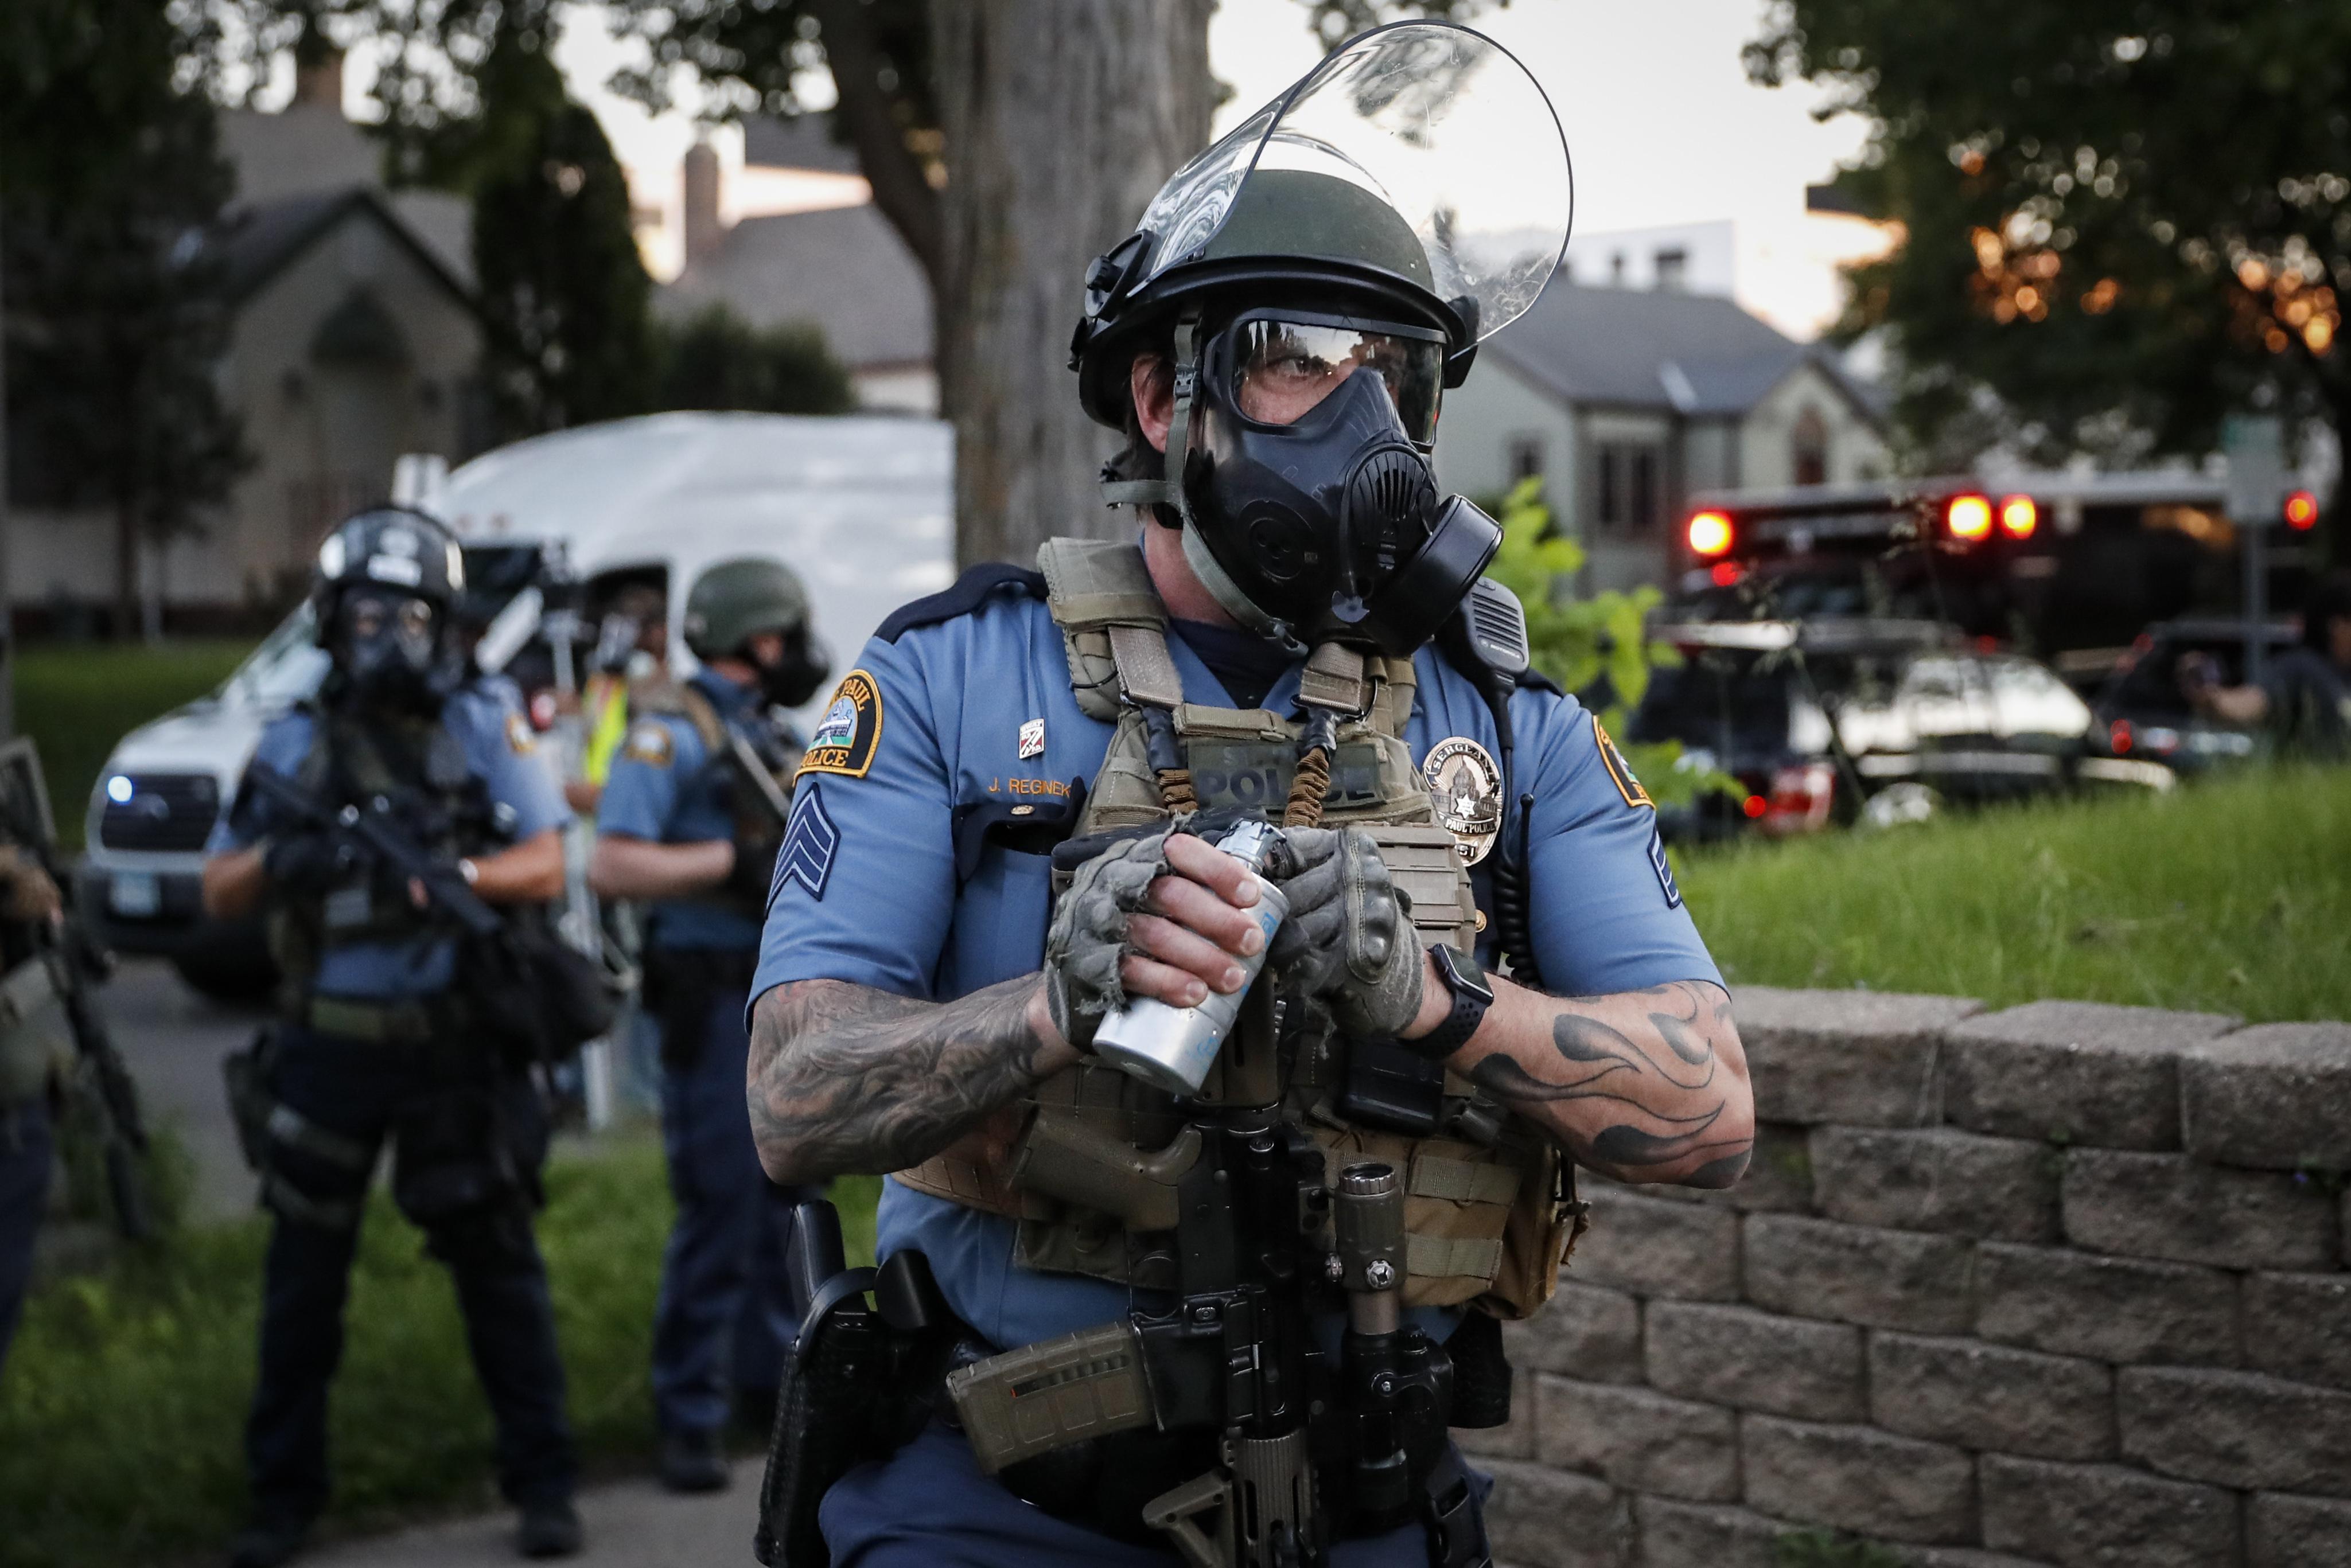 Un oficial de policía se prepara para lanzar un bote de gas lacrimógeno a los manifestantes en St. Paul (AP Photo/John Minchillo)